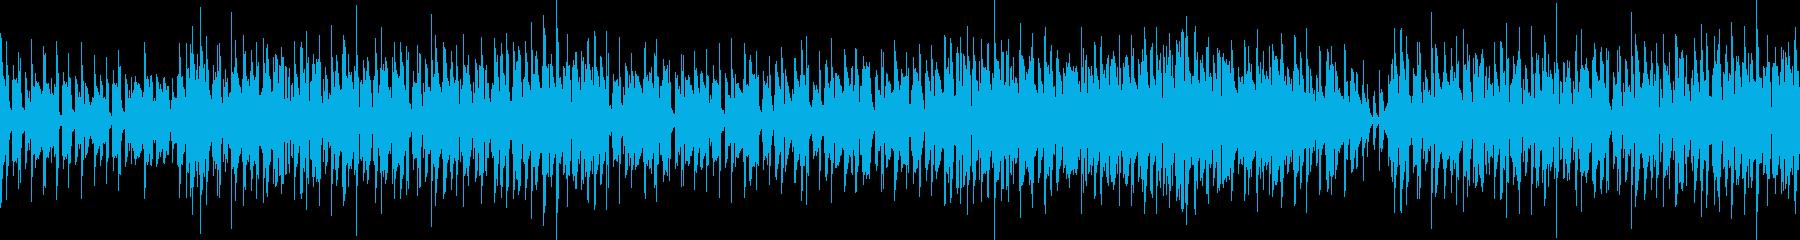 アップテンポジャズ・探偵の尾行/ループ可の再生済みの波形